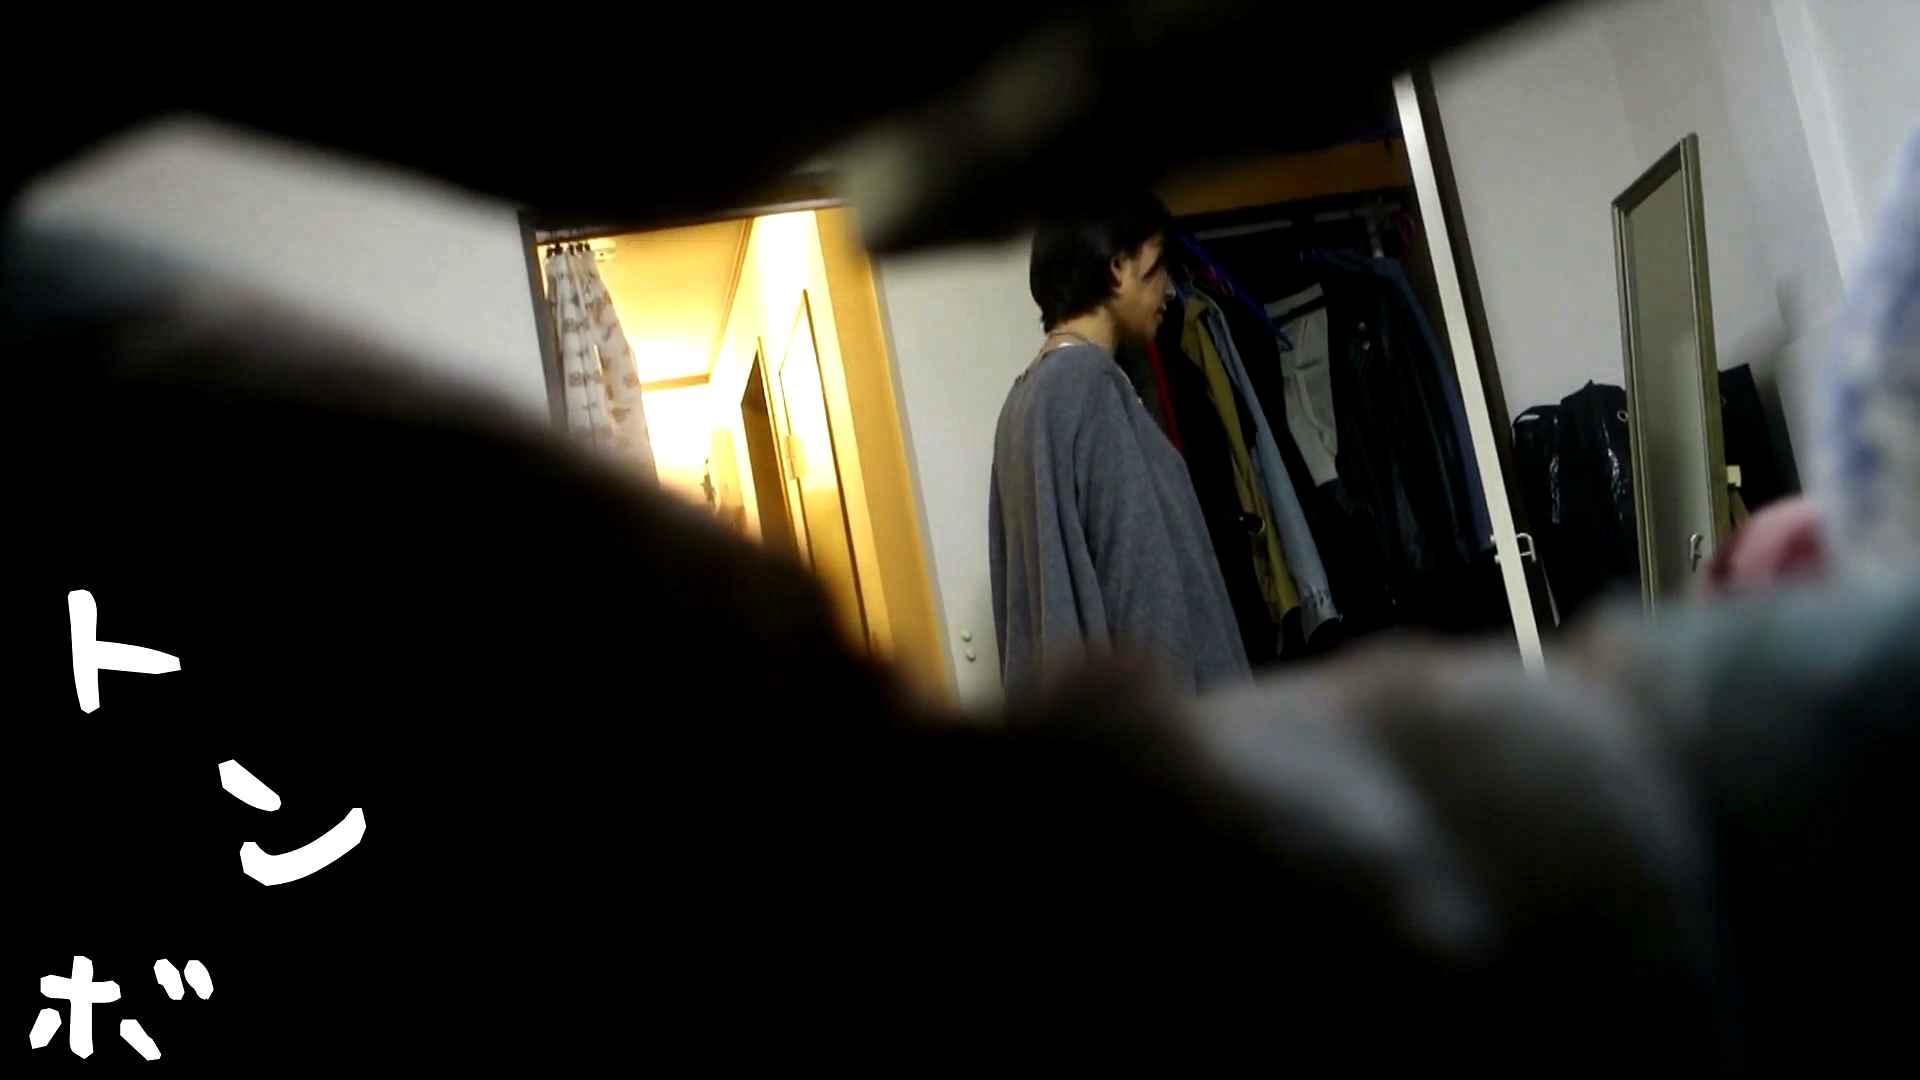 リアル盗撮 本上まなみまなみ似 アパレル店員の私生活 民家 セックス無修正動画無料 112枚 41